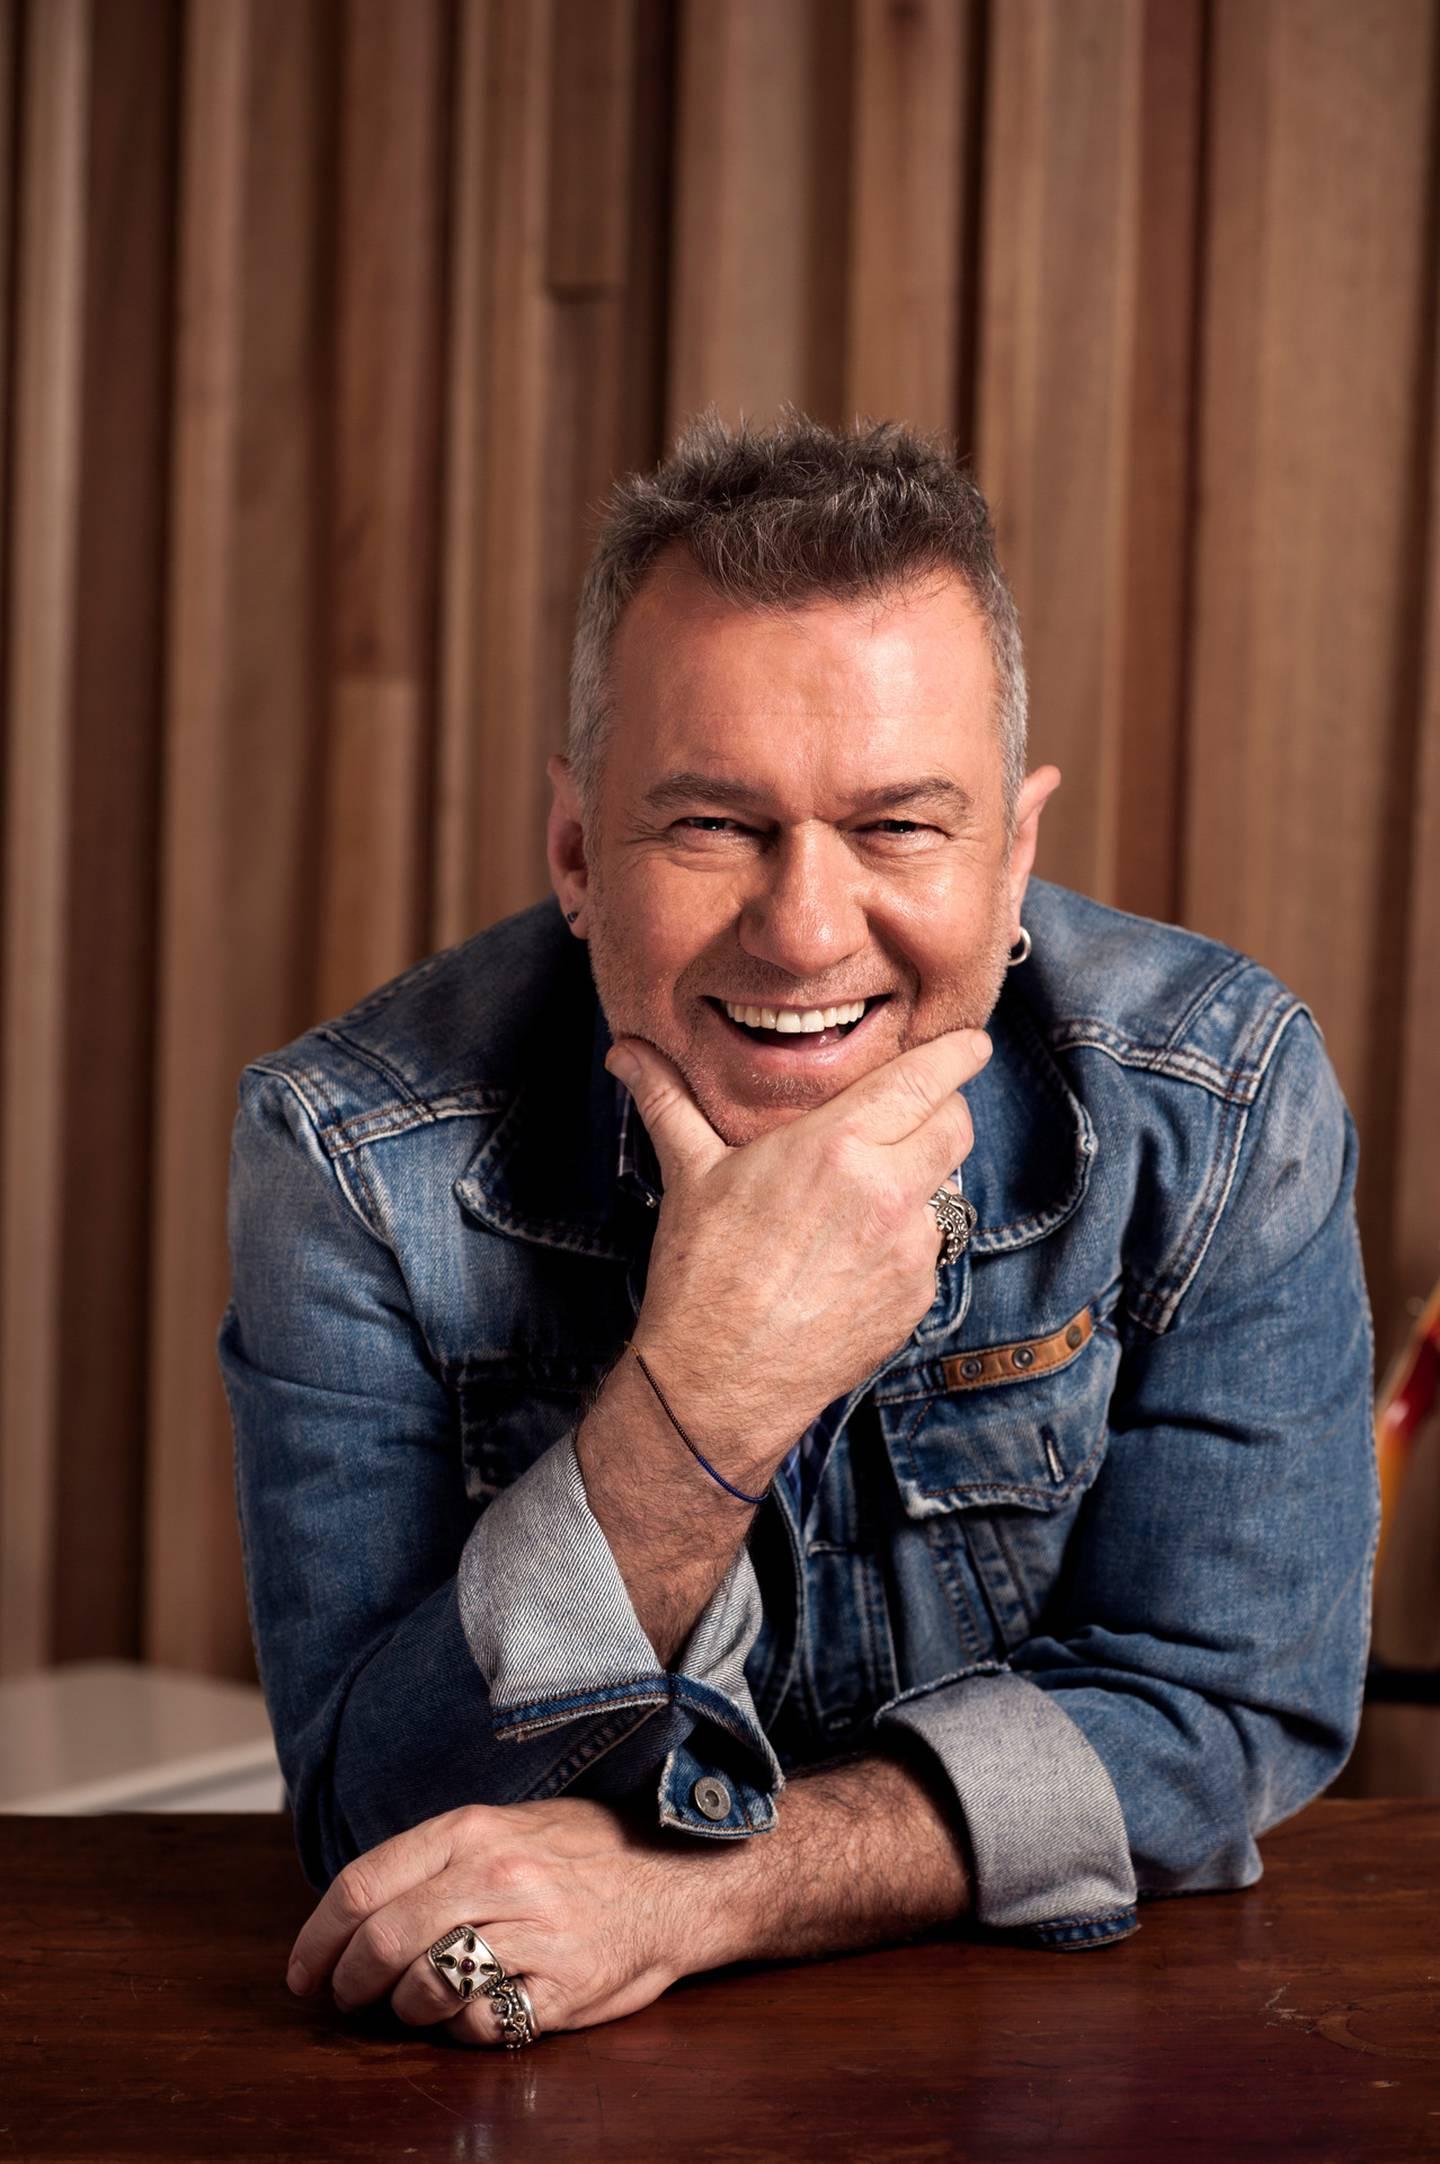 Australian singer Jimmy Barnes. Photo: Supplied